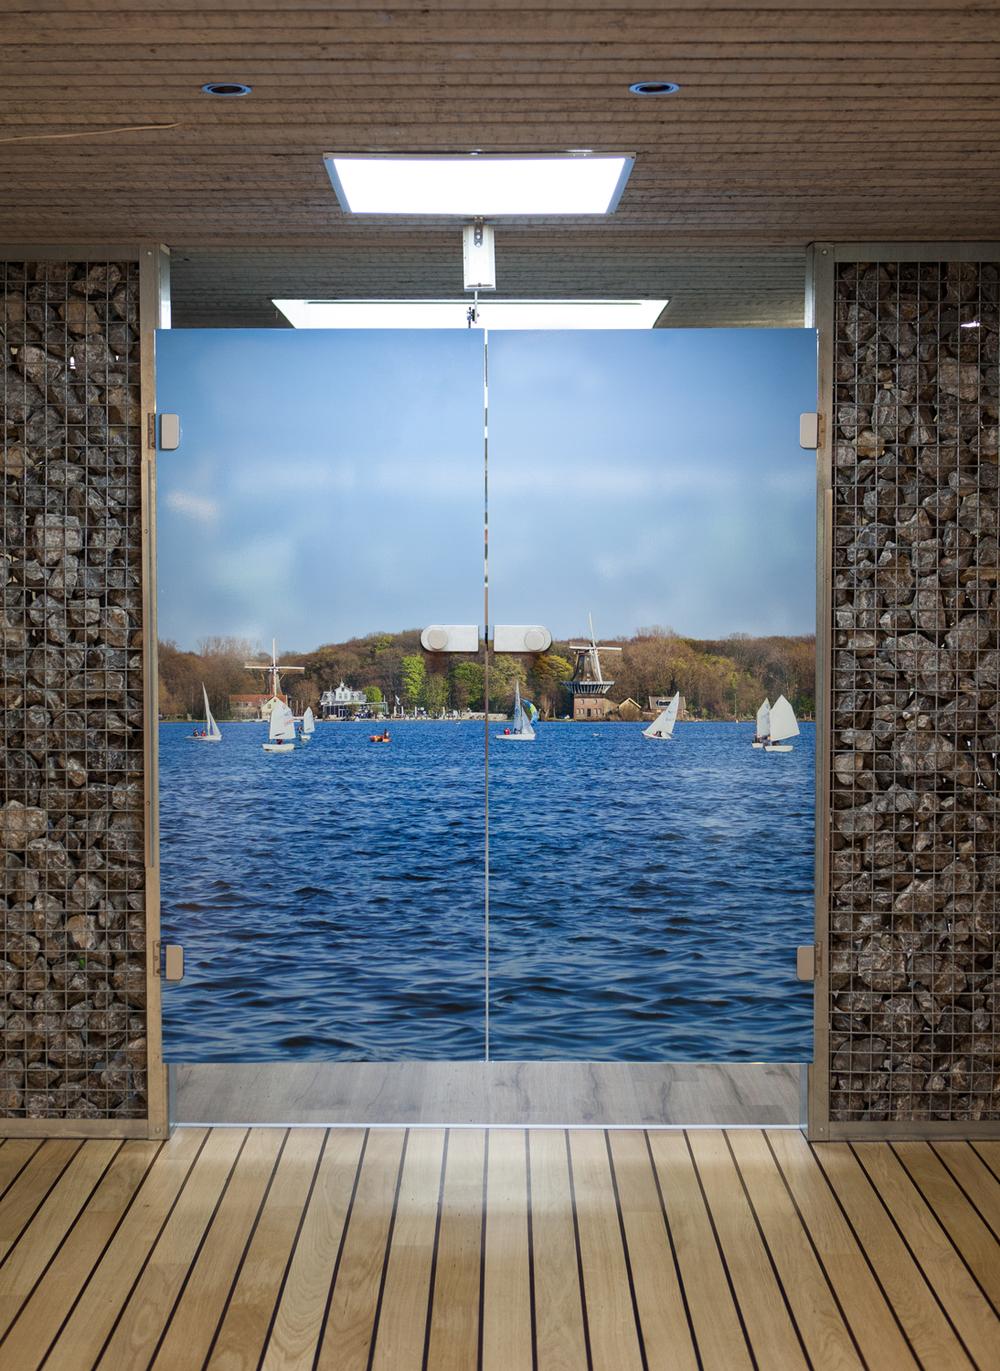 poster_deurenwatersportwinkel.jpg